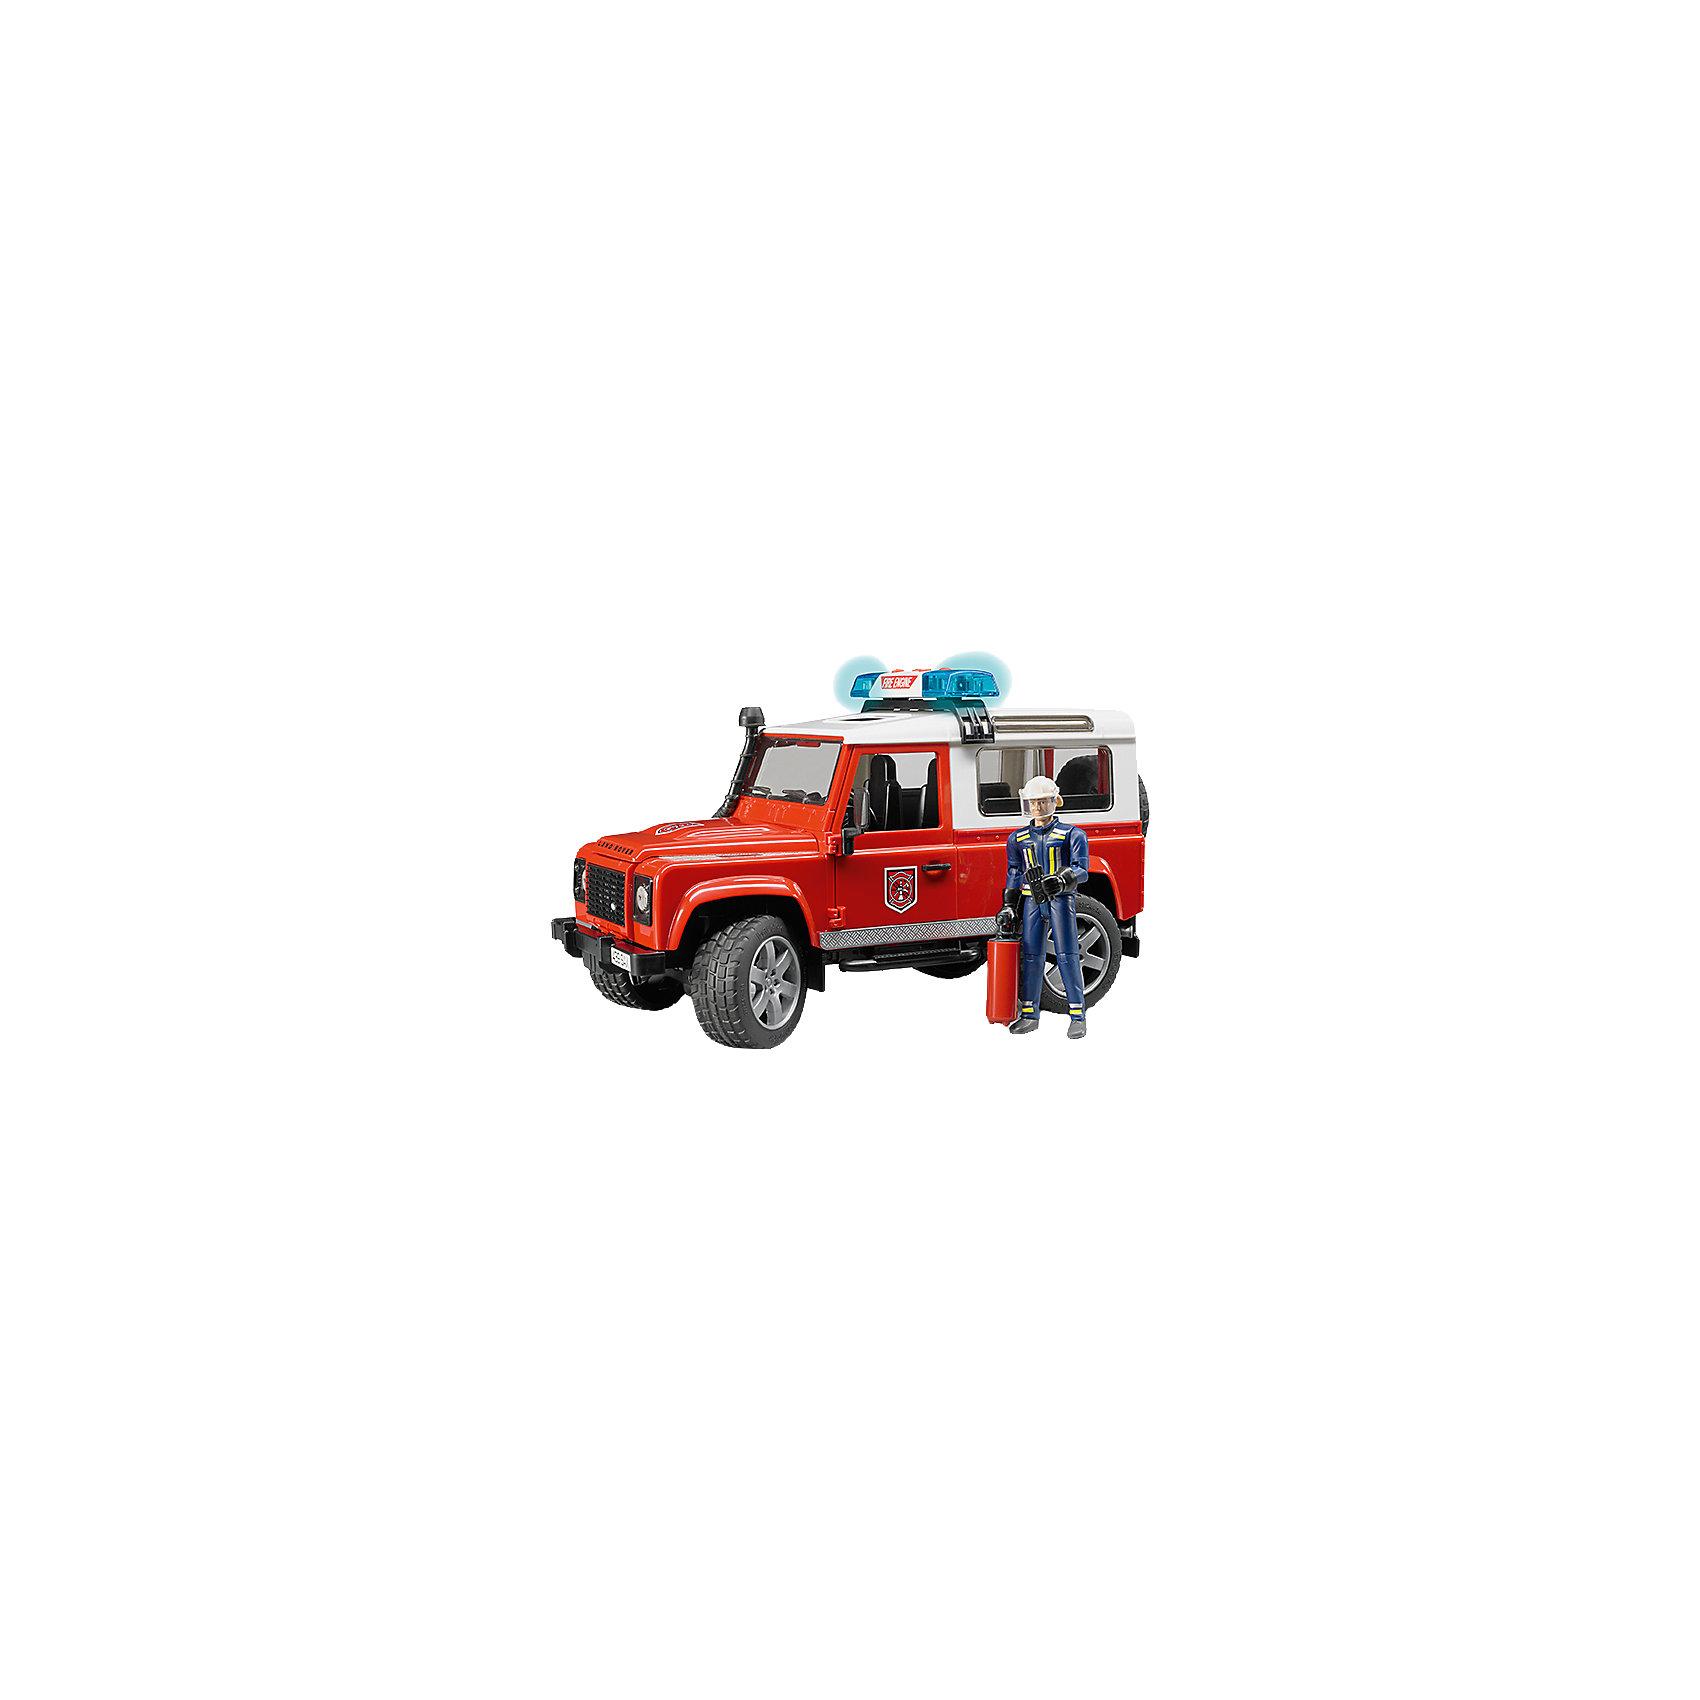 Внедорожник с фигуркой Land Rover Defender Station Wagon, BruderМашинки<br>Внедорожник Land Rover Defender Пожарная с фигуркой, Bruder (Брудер) – это реалистичный игровой набор со звуковыми и световыми эффектами.<br>Внедорожник Land Rover Defender Пожарная от немецкого производителя игрушек Bruder (Брудер) напоминает автомобиль марки Land Rover Defender Station Wagon и выглядит очень реалистично. Автомобиль выполнен в виде спецтранспорта пожарной службы, поэтому имеет соответствующий цвет кузова и декоративные надписи. Помимо открывающихся дверей, багажника и капота, а также съемных задних сидений, у машинки есть работающая рулевая передача - передние колеса поворачиваются вслед за рулем. Машинкой можно управлять через открытый люк в крыше при помощи специального рычага, который удлиняет рулевую стойку. На передних и задних осях внедорожника установлены амортизаторы, позволяющие машине ездить даже по неровной поверхности, преодолевая различные препятствия. Прорезиненные колеса с рельефными протекторами выполнены очень правдоподобно. С левой стороны кабины проходит выхлопная труба. На задней двери находится запасное колесо. На внедорожник можно установить мигалку, которая работает в 4 звуковых режимах (звук работающего двигателя или один из трех видов сирены) и светится. Фигурка пожарного выполнена в отличном качестве, все детали тщательно проработаны. Руки и ноги игрушки подвижны, пазы на руках могут удерживать руль машинки и аксессуары из набора. В экипировку пожарного входят рация, огнетушитель, перчатки и каска. Каску можно снимать и одевать. Продукция сертифицирована, экологически безопасна для ребенка, использованные красители не токсичны и гипоаллергенны.<br><br>Дополнительная информация:<br><br>- В комплекте: машинка, фигурка пожарного, универсальная мигалка, аксессуары<br>- Размер внедорожника: 28х14х15,3 см.<br>- Масштаб 1:16<br>- Материал: высококачественный пластик<br>- Батарейки: 3 типа AG13 / LR44 (входят в комплект)<br><br>Внедорожник Land Rover Defend